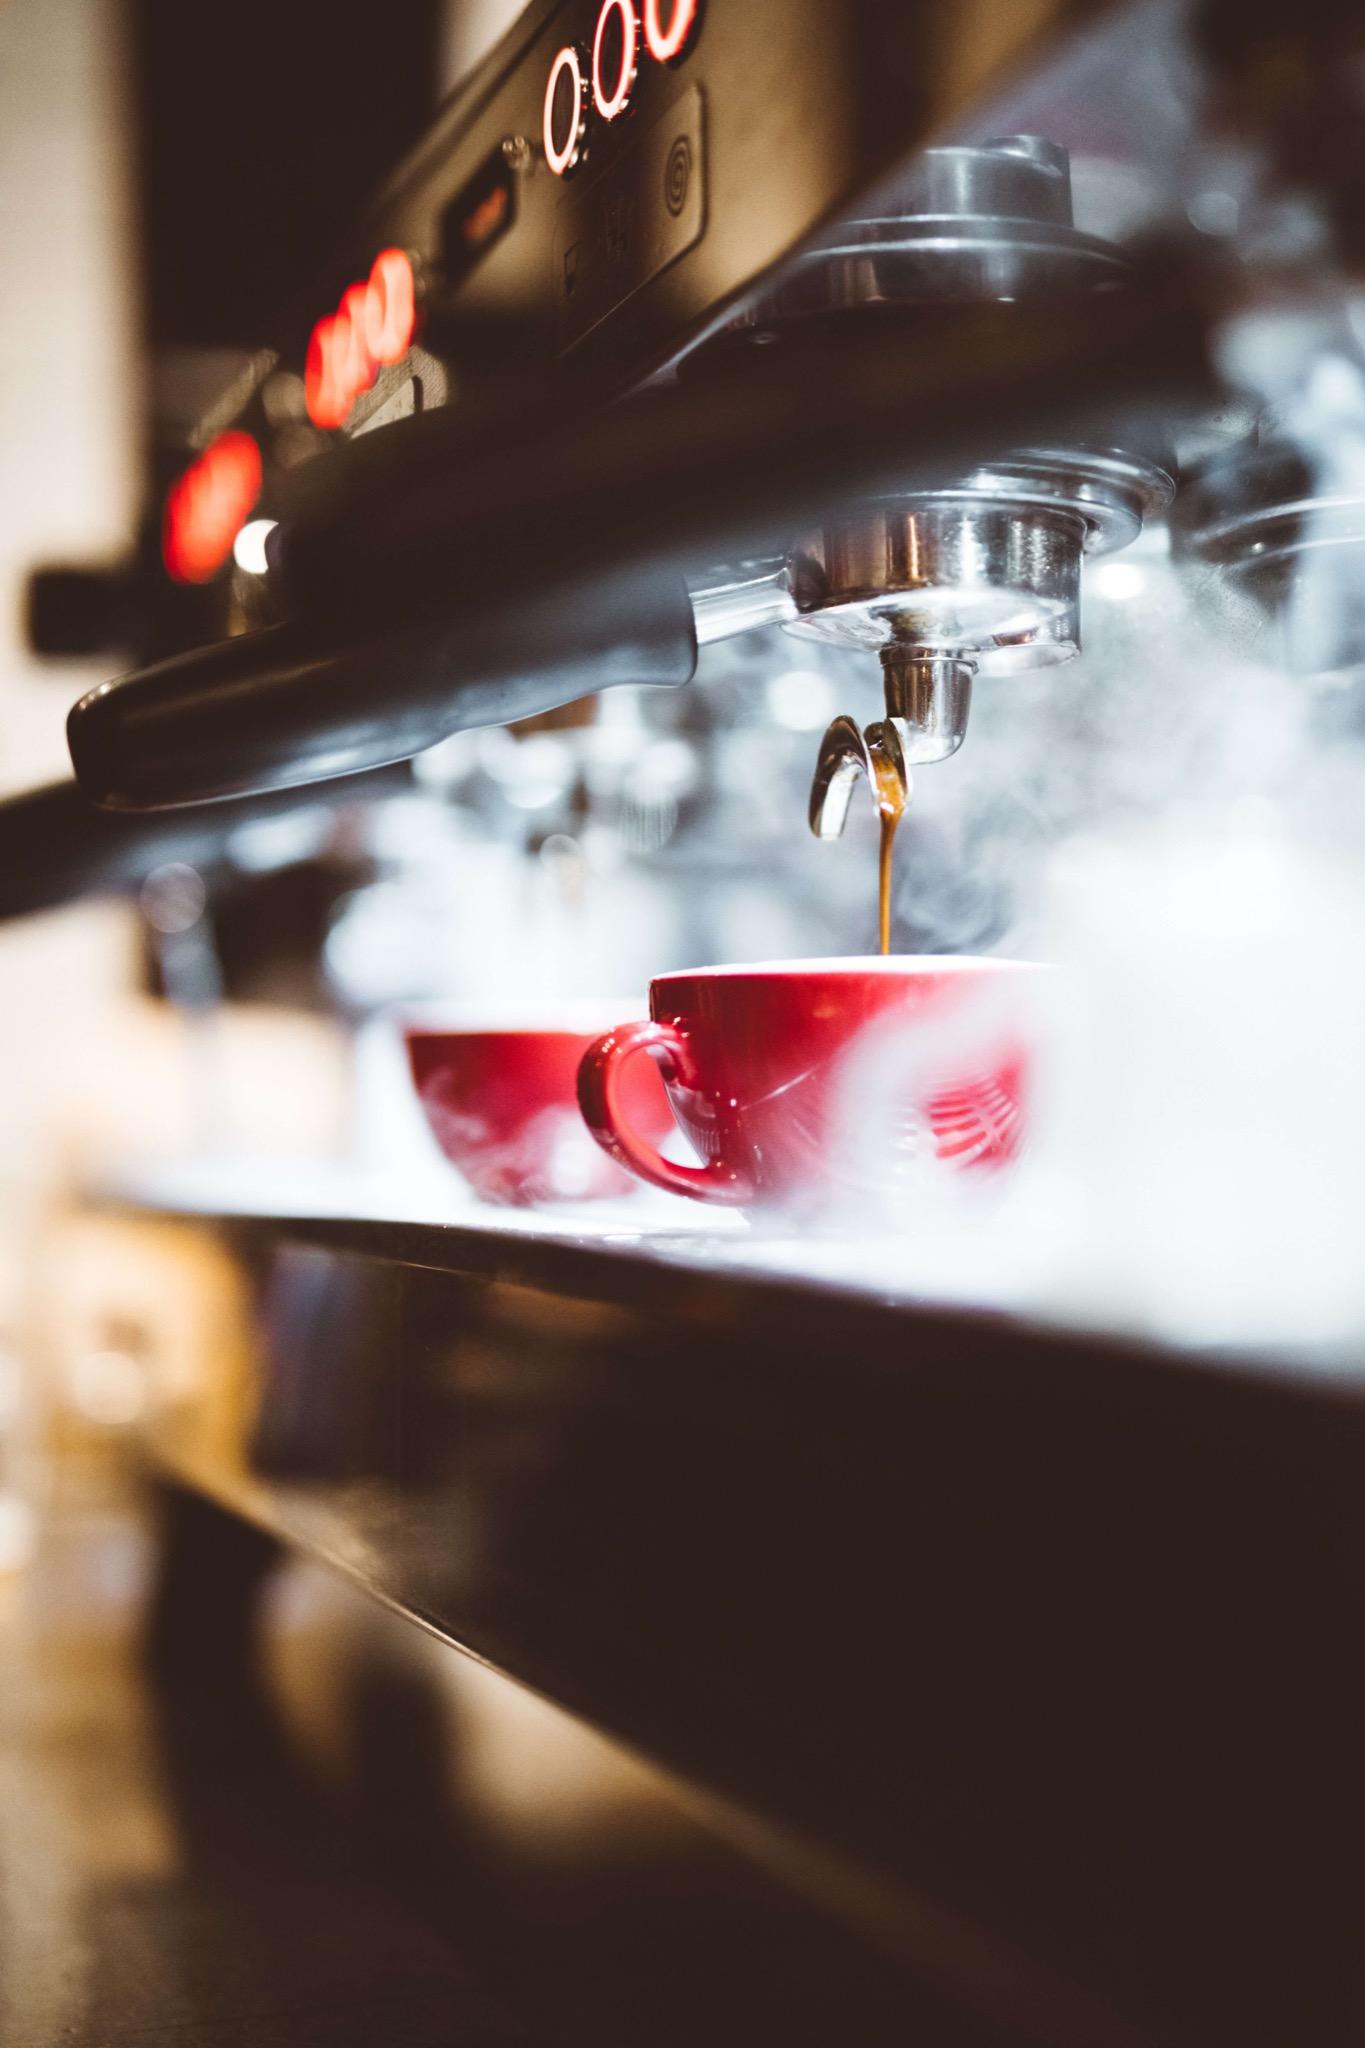 Fersk kaffe fra kaffemaskin